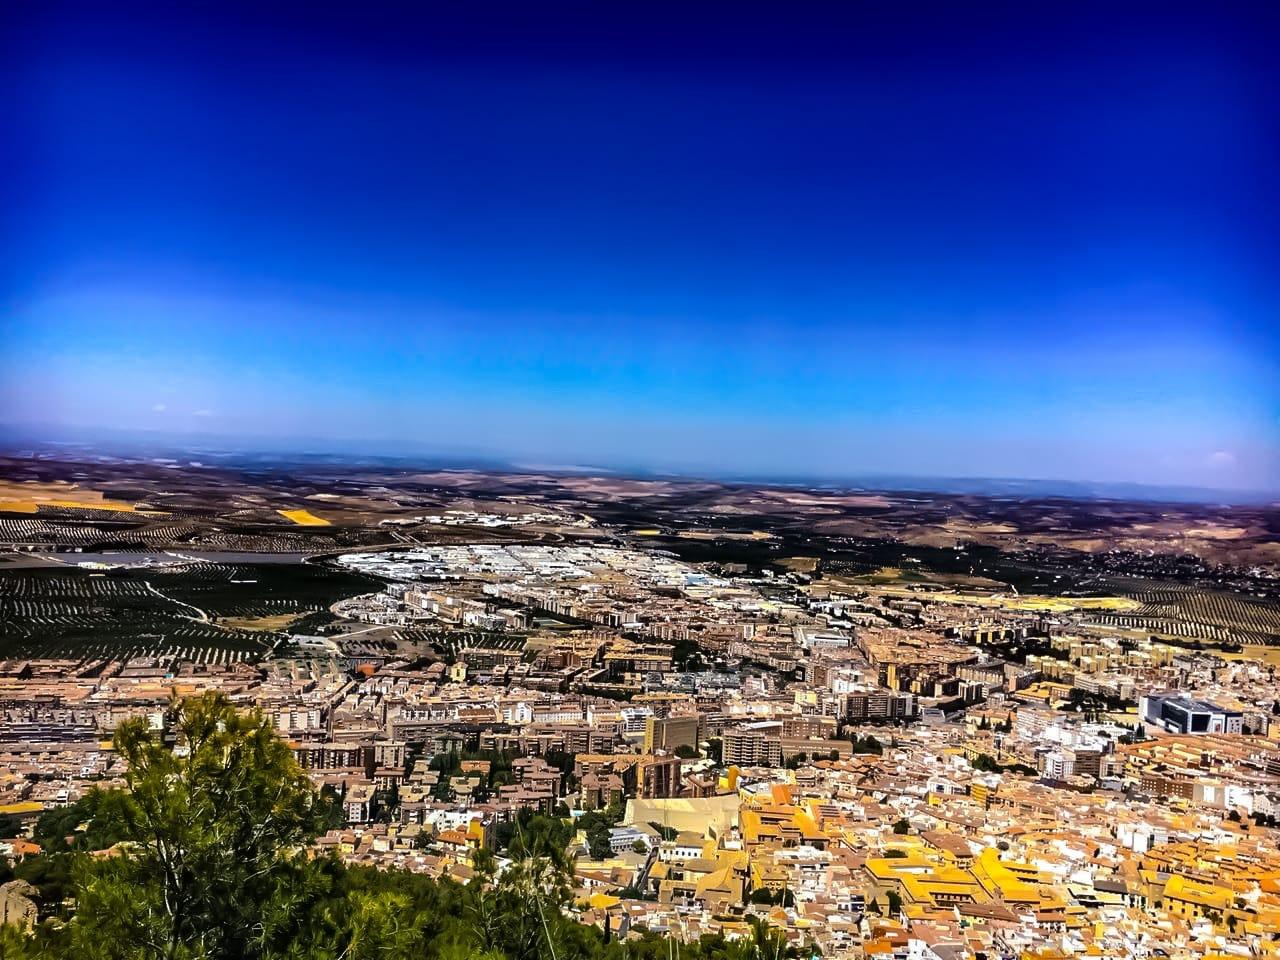 Jaen, Spain by Anmol Vishwakarma